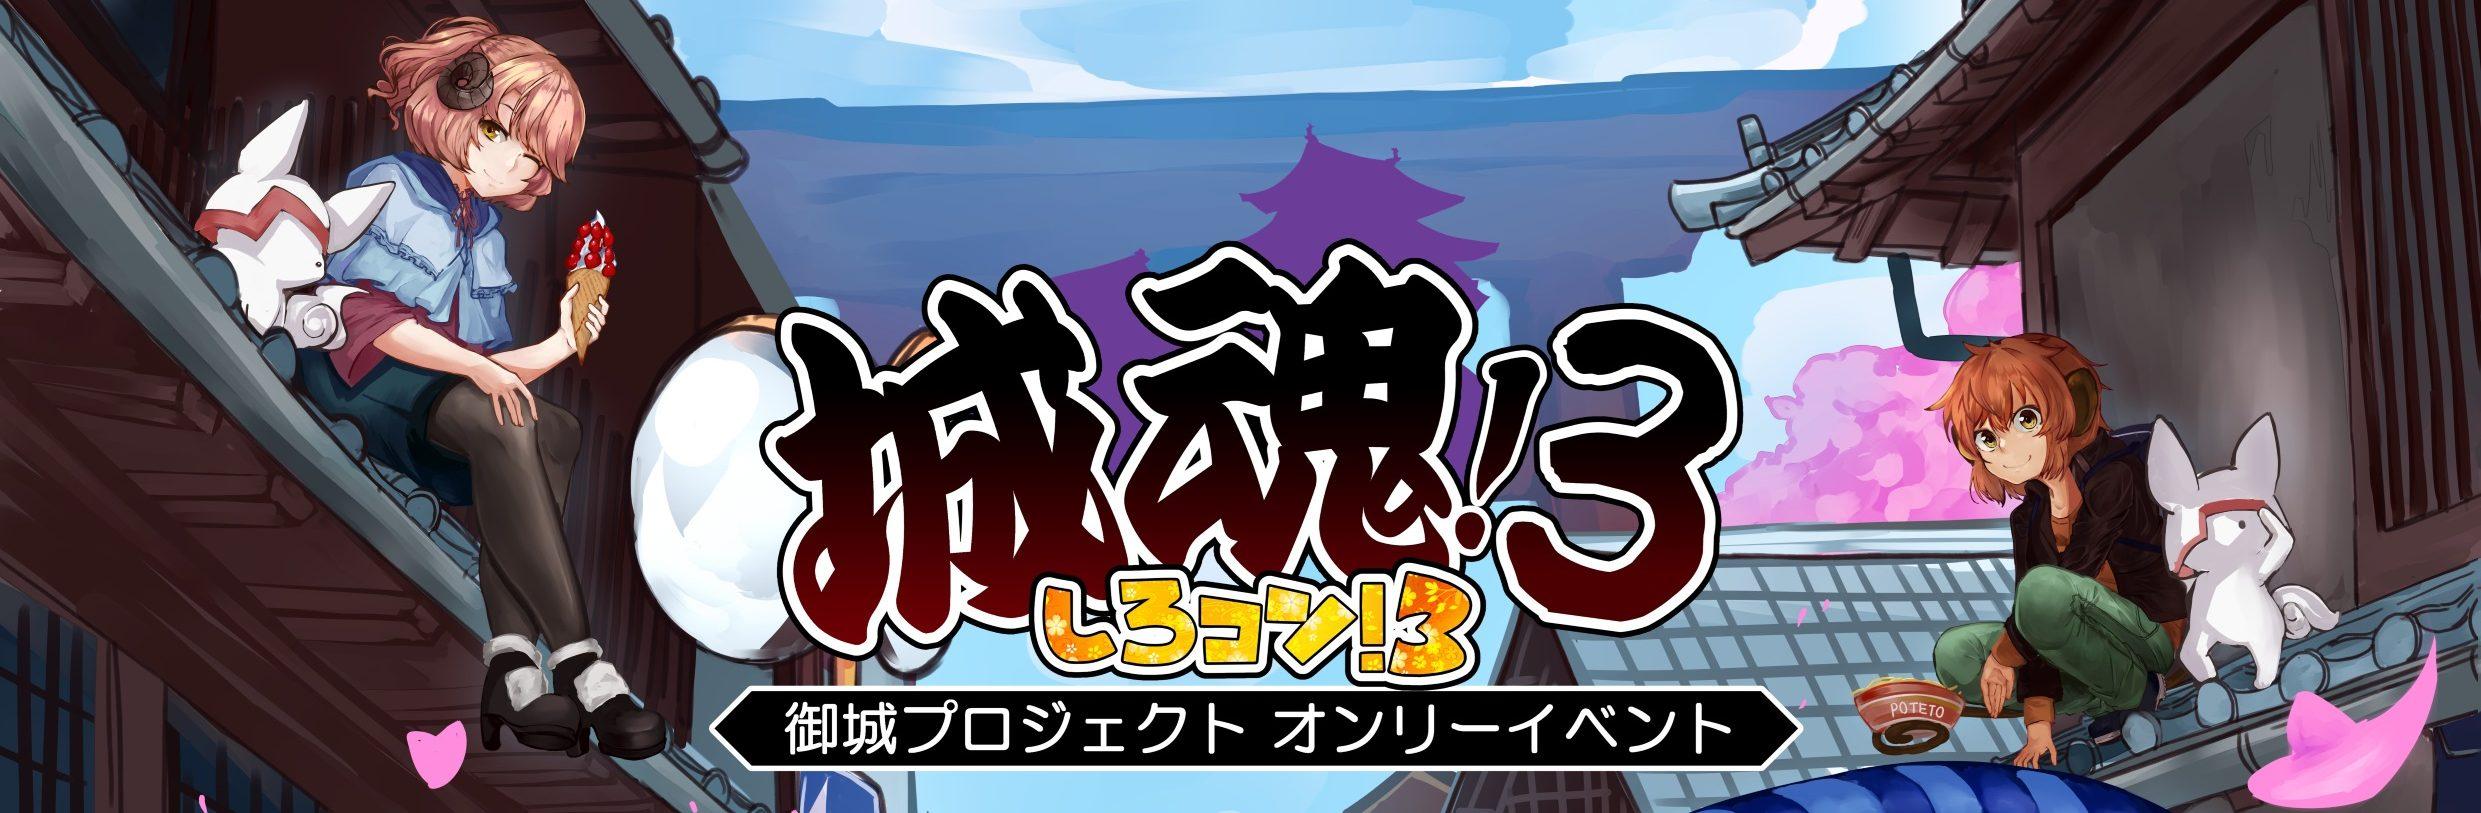 御城プロジェクトオンリー同人誌即売会「城魂!(しろコン!)」